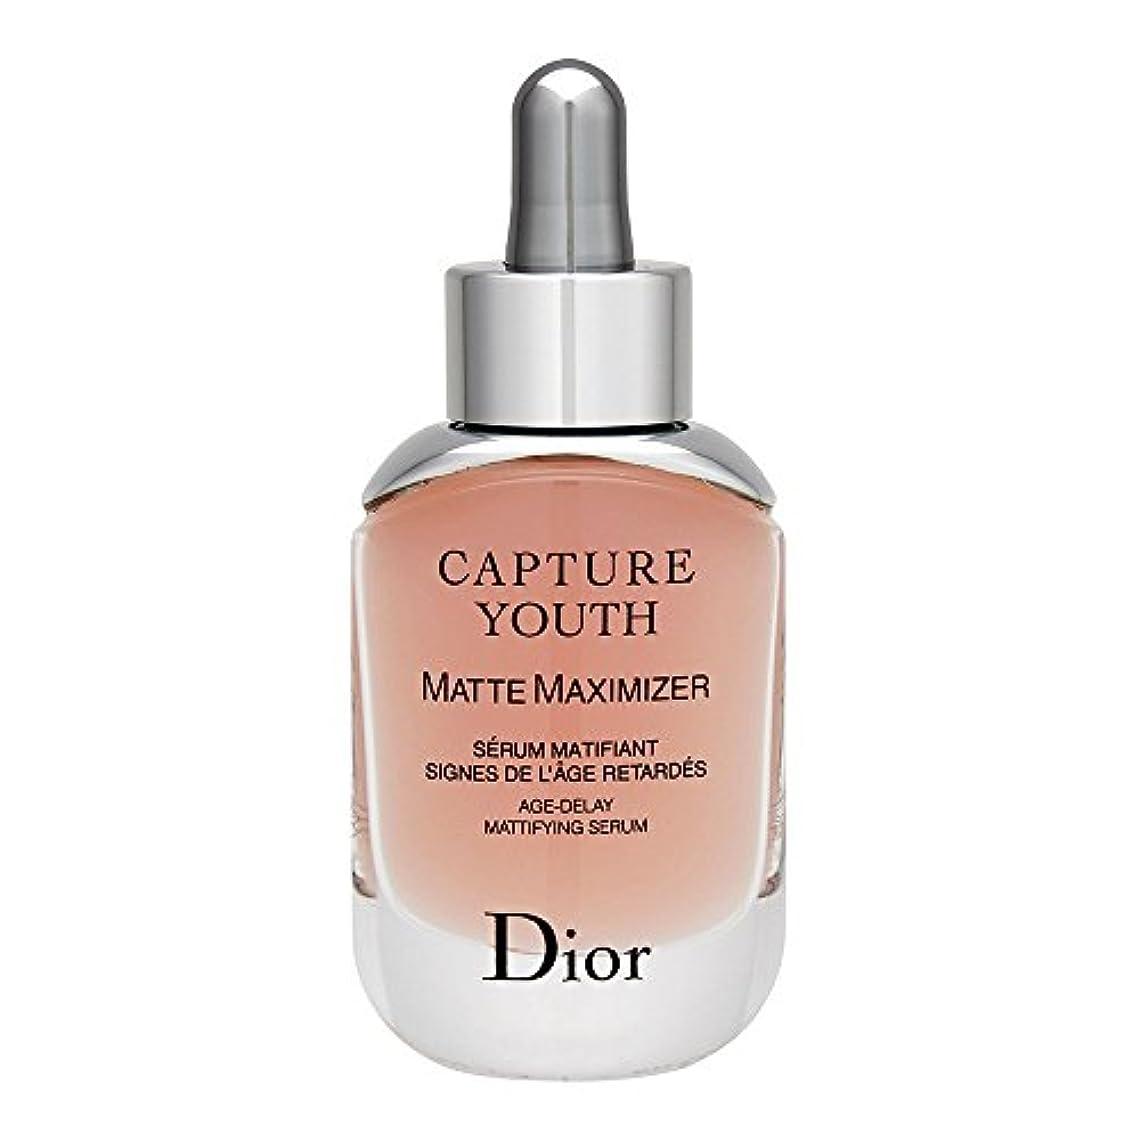 スイファンブルミットクリスチャンディオール Christian Dior カプチュール ユース マット マキシマイザー 30mL [並行輸入品]